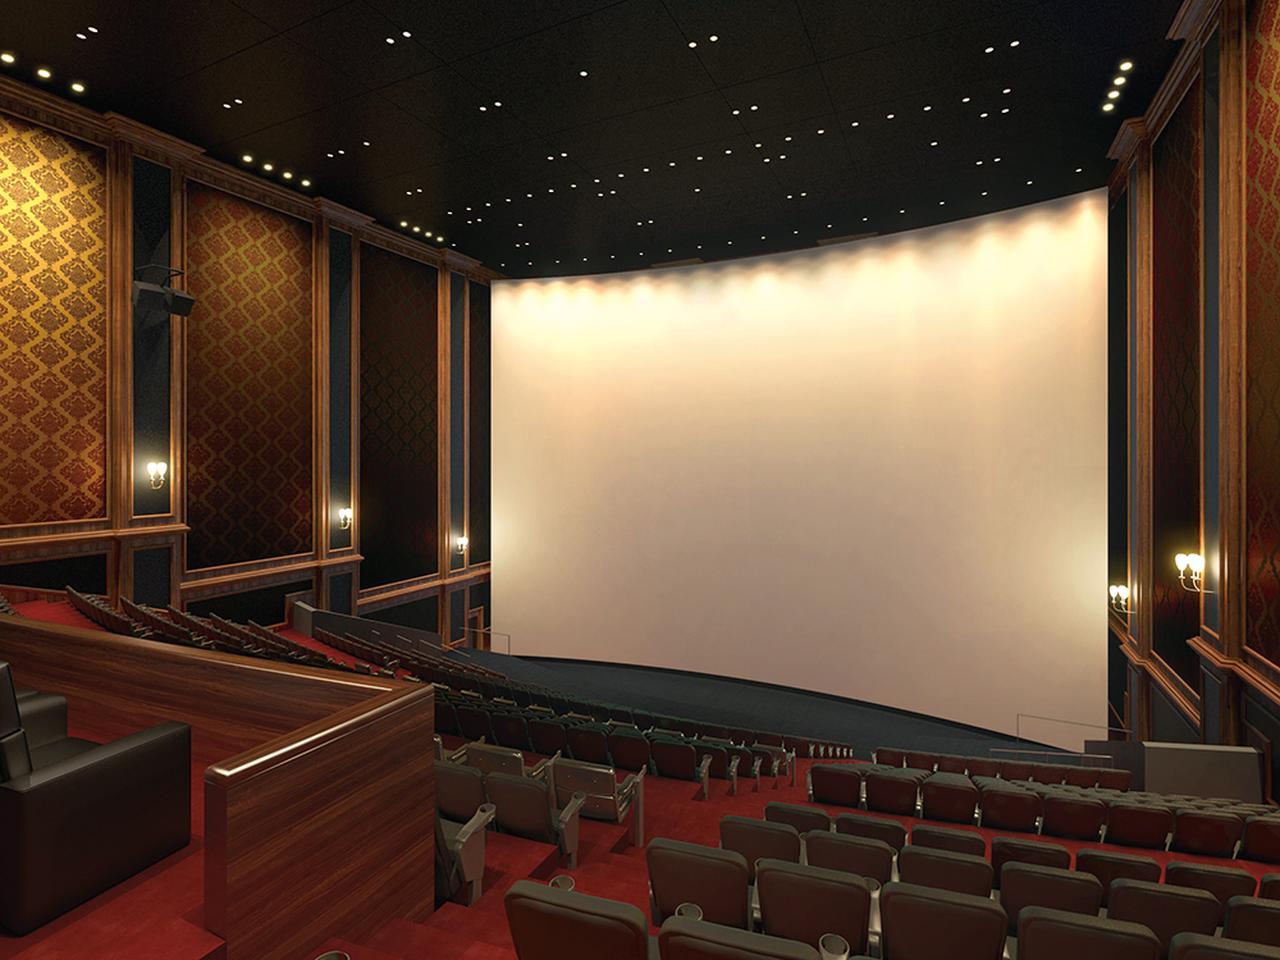 画像: 「IMAX®レーザー/GTテクノロジー」シアター IMAX® is a registered trademark of IMAX Corporation